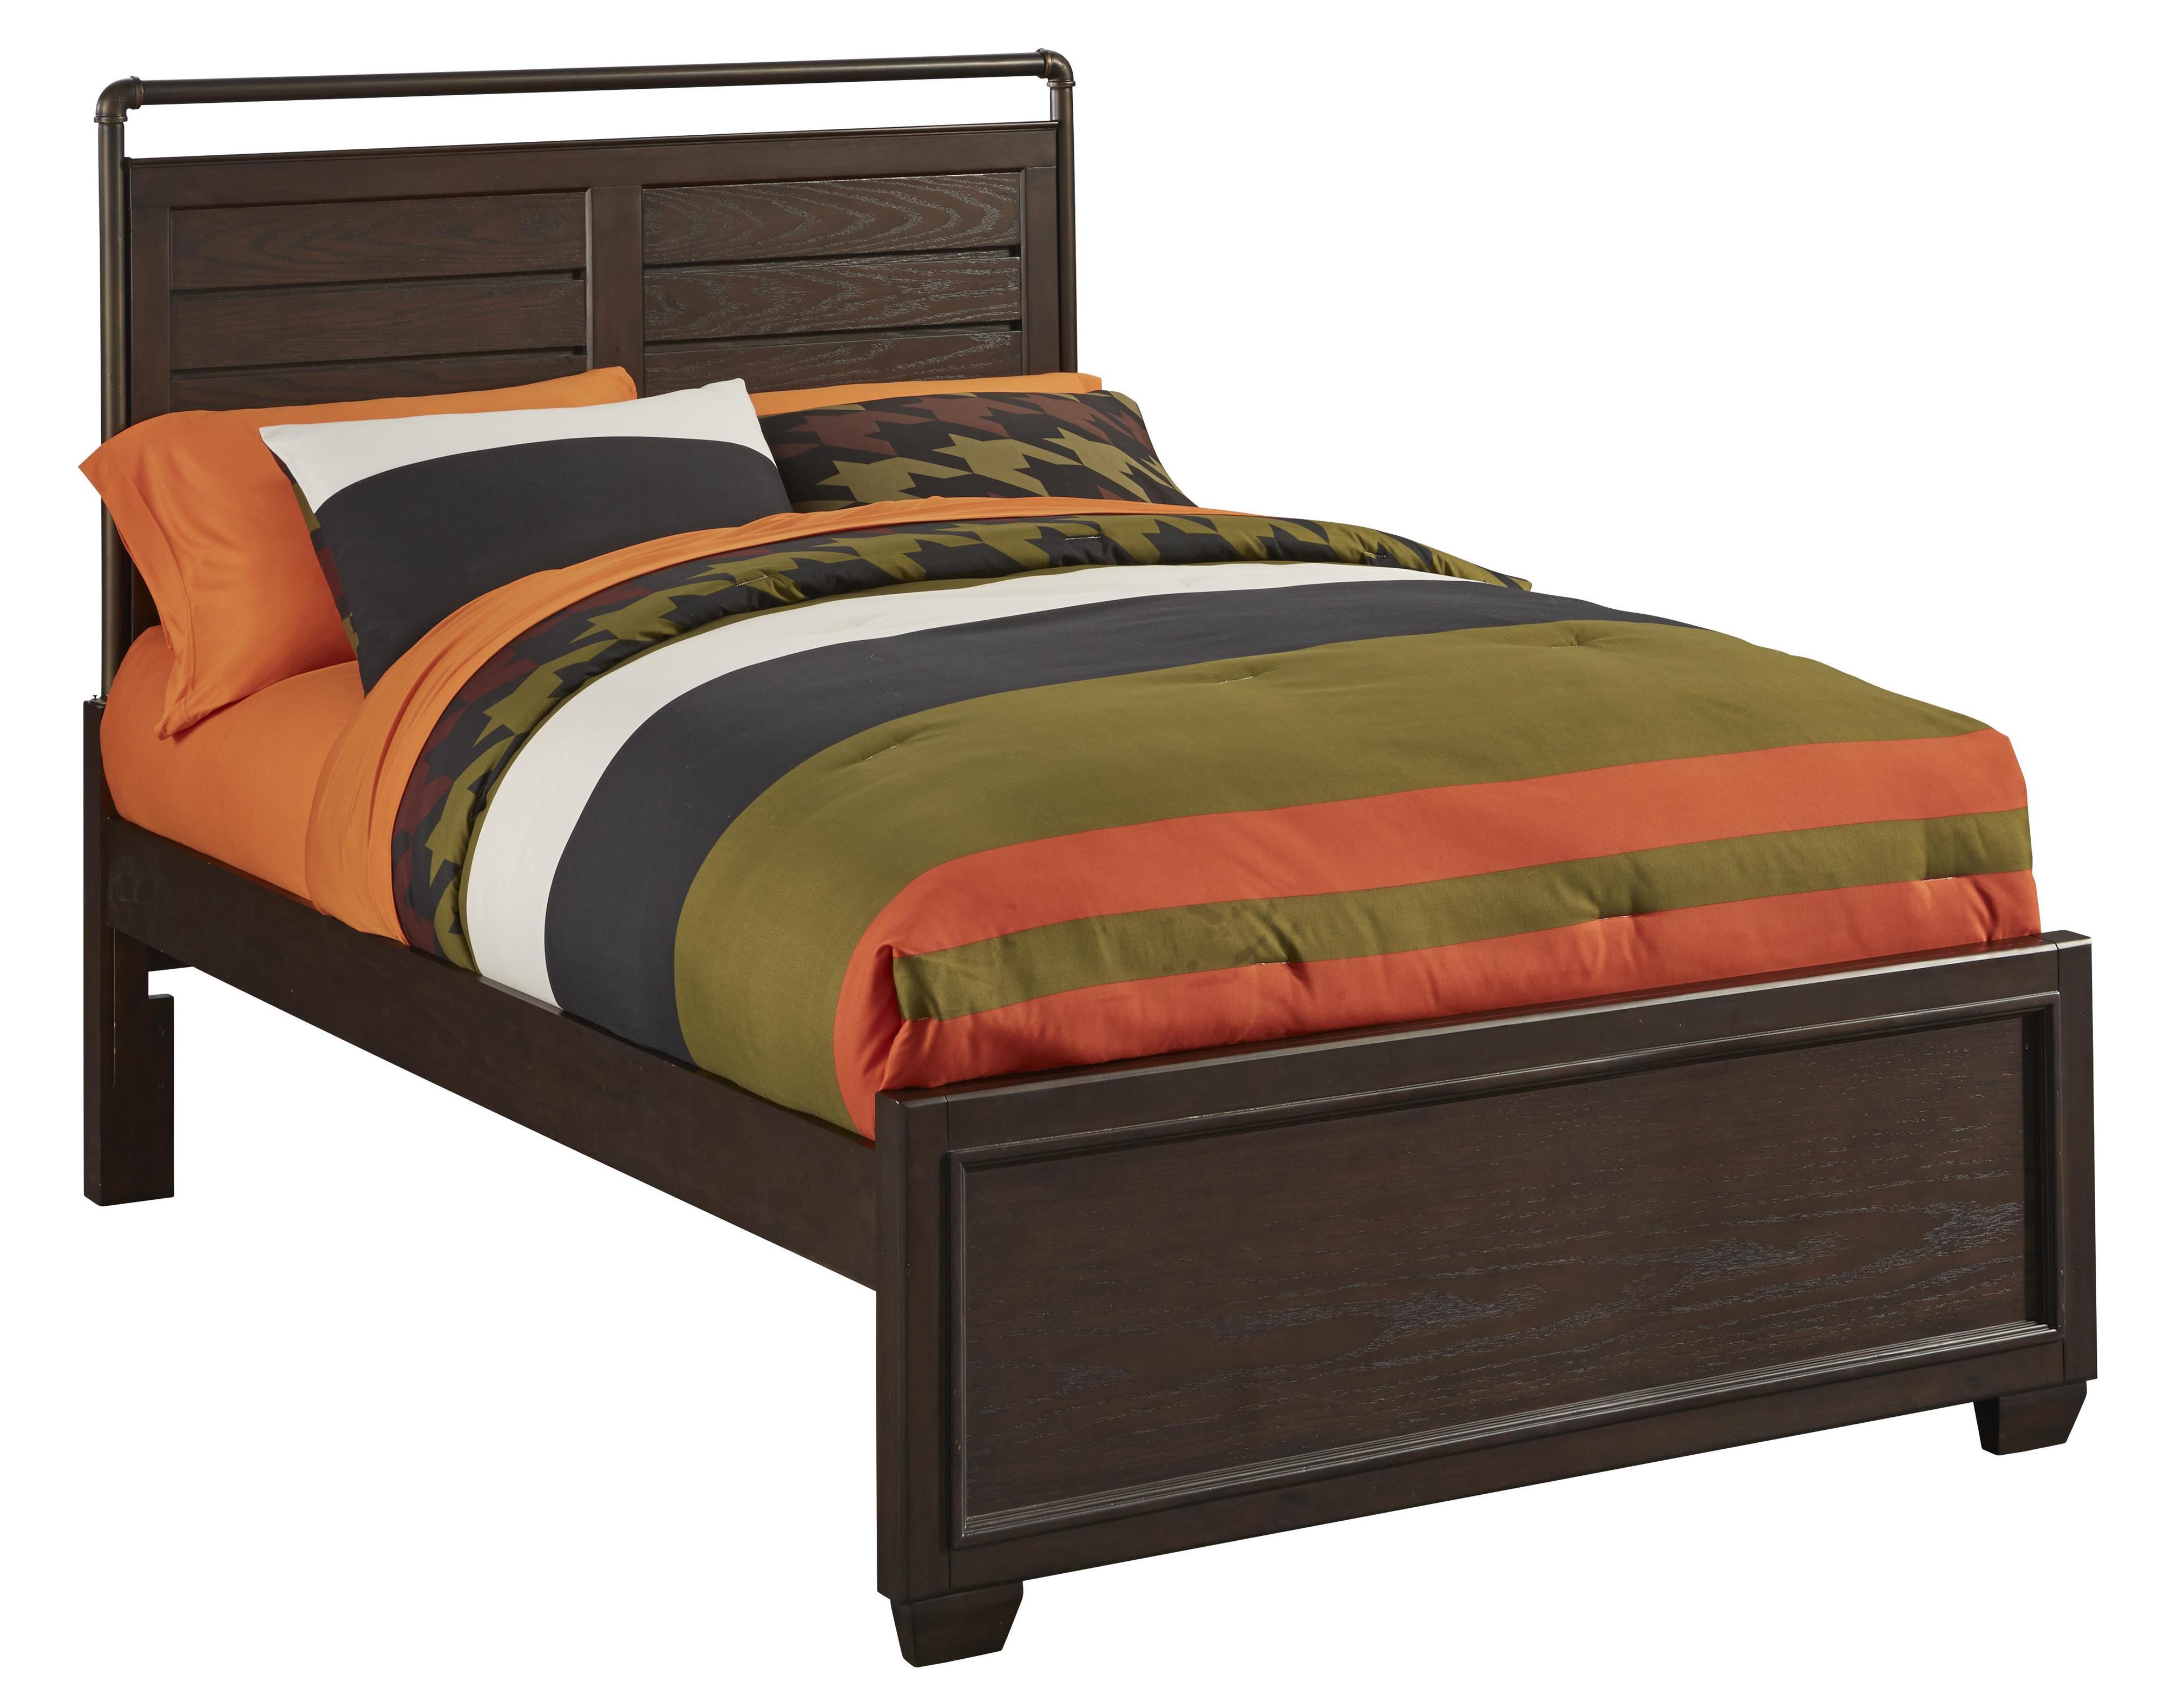 Kidz Gear Mason Twin Bed - Item Number: 8872-531+538+401